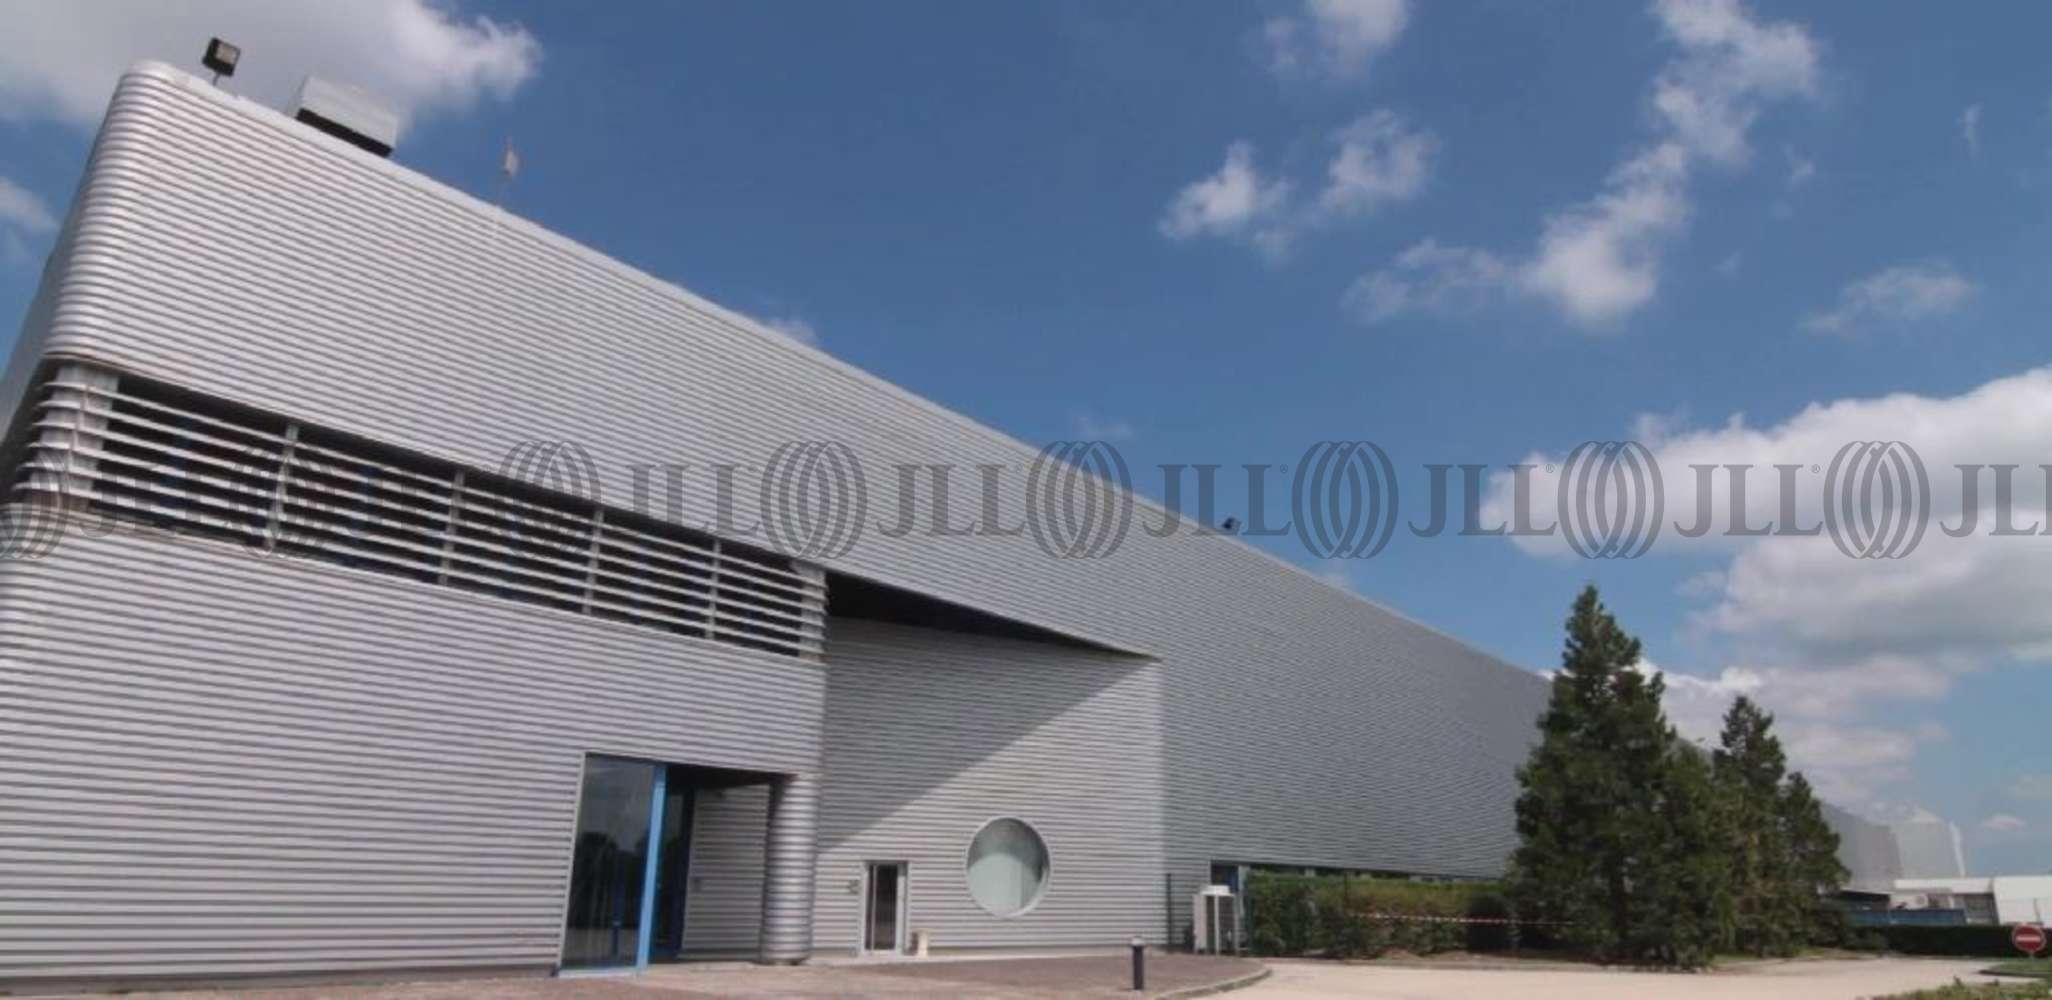 Plateformes logistiques Vaulx milieu, 38090 - A louer - entrepôt logistique Isère (38) - 9453677